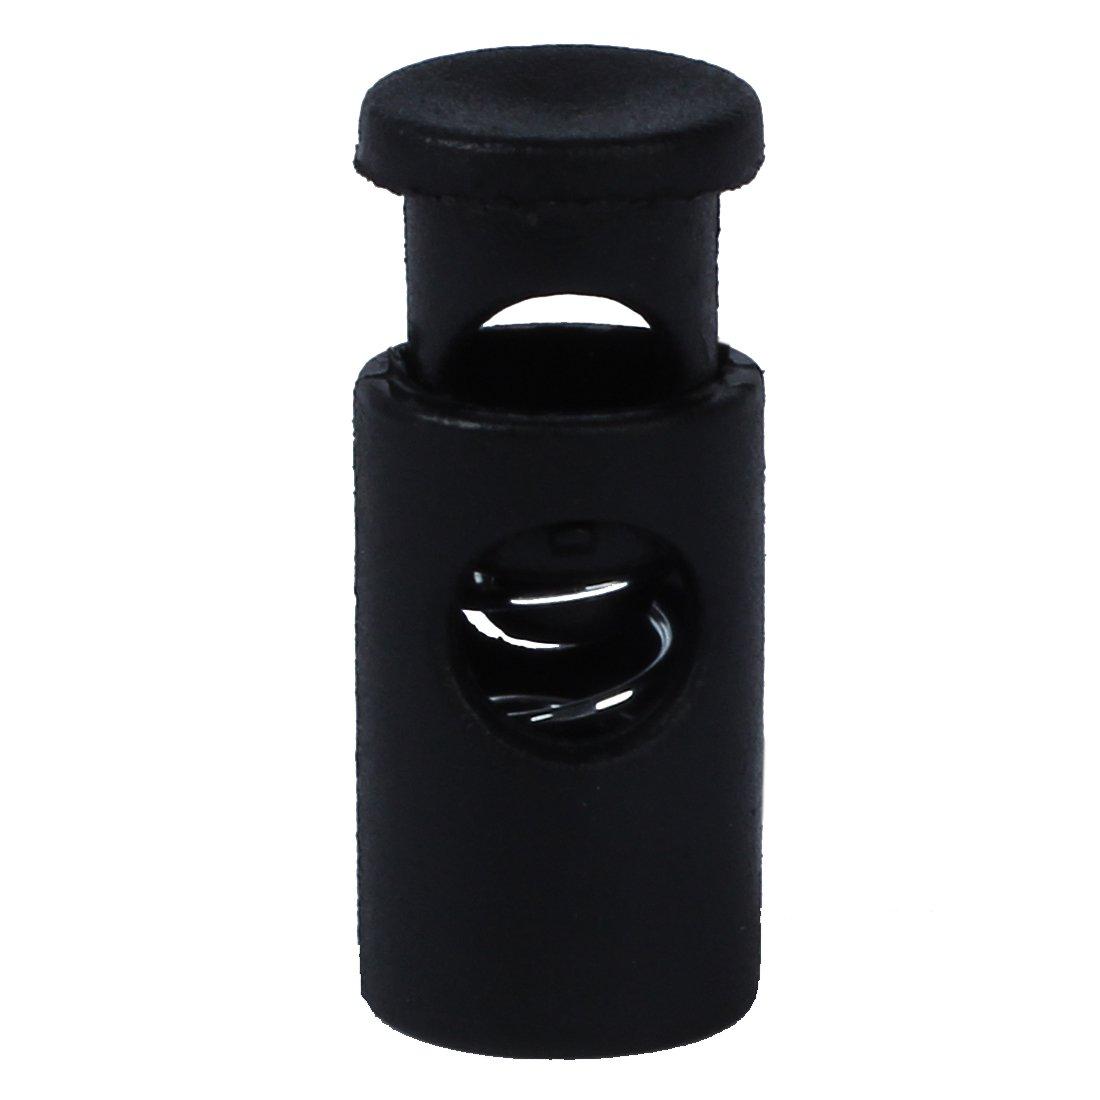 TOOGOO(R) Black Plastic Toggle Spring Stop Single Hole Rope Cord Locks 20 Pcs